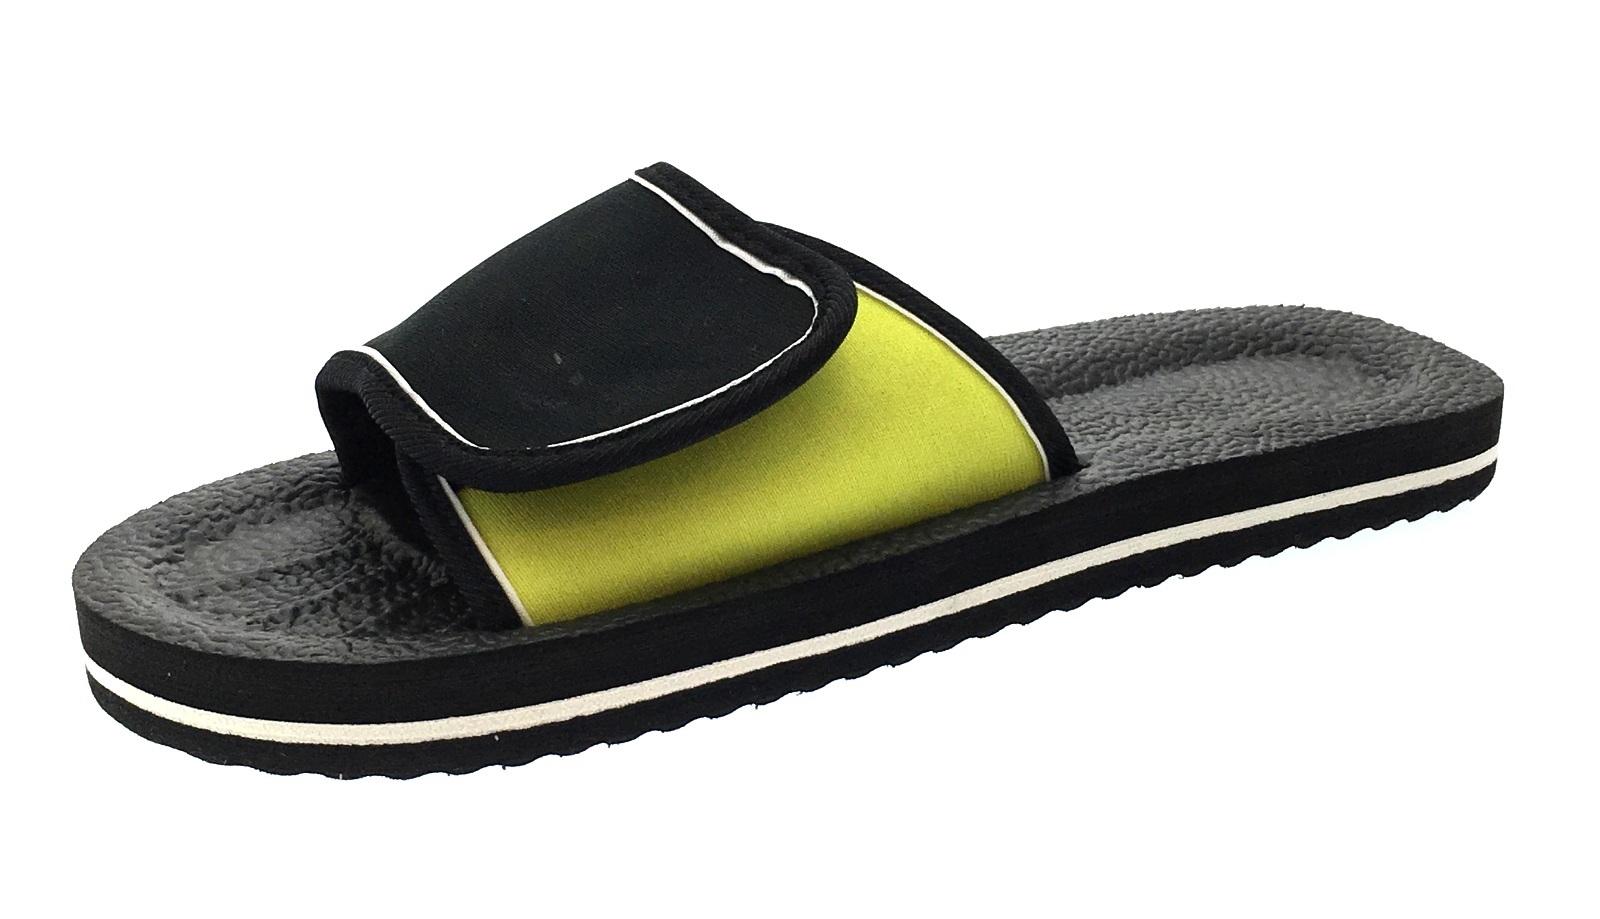 902148099b6c4 Mens Lightweight Sandals Adjustable Beach Flip Flops Summer Shoes ...